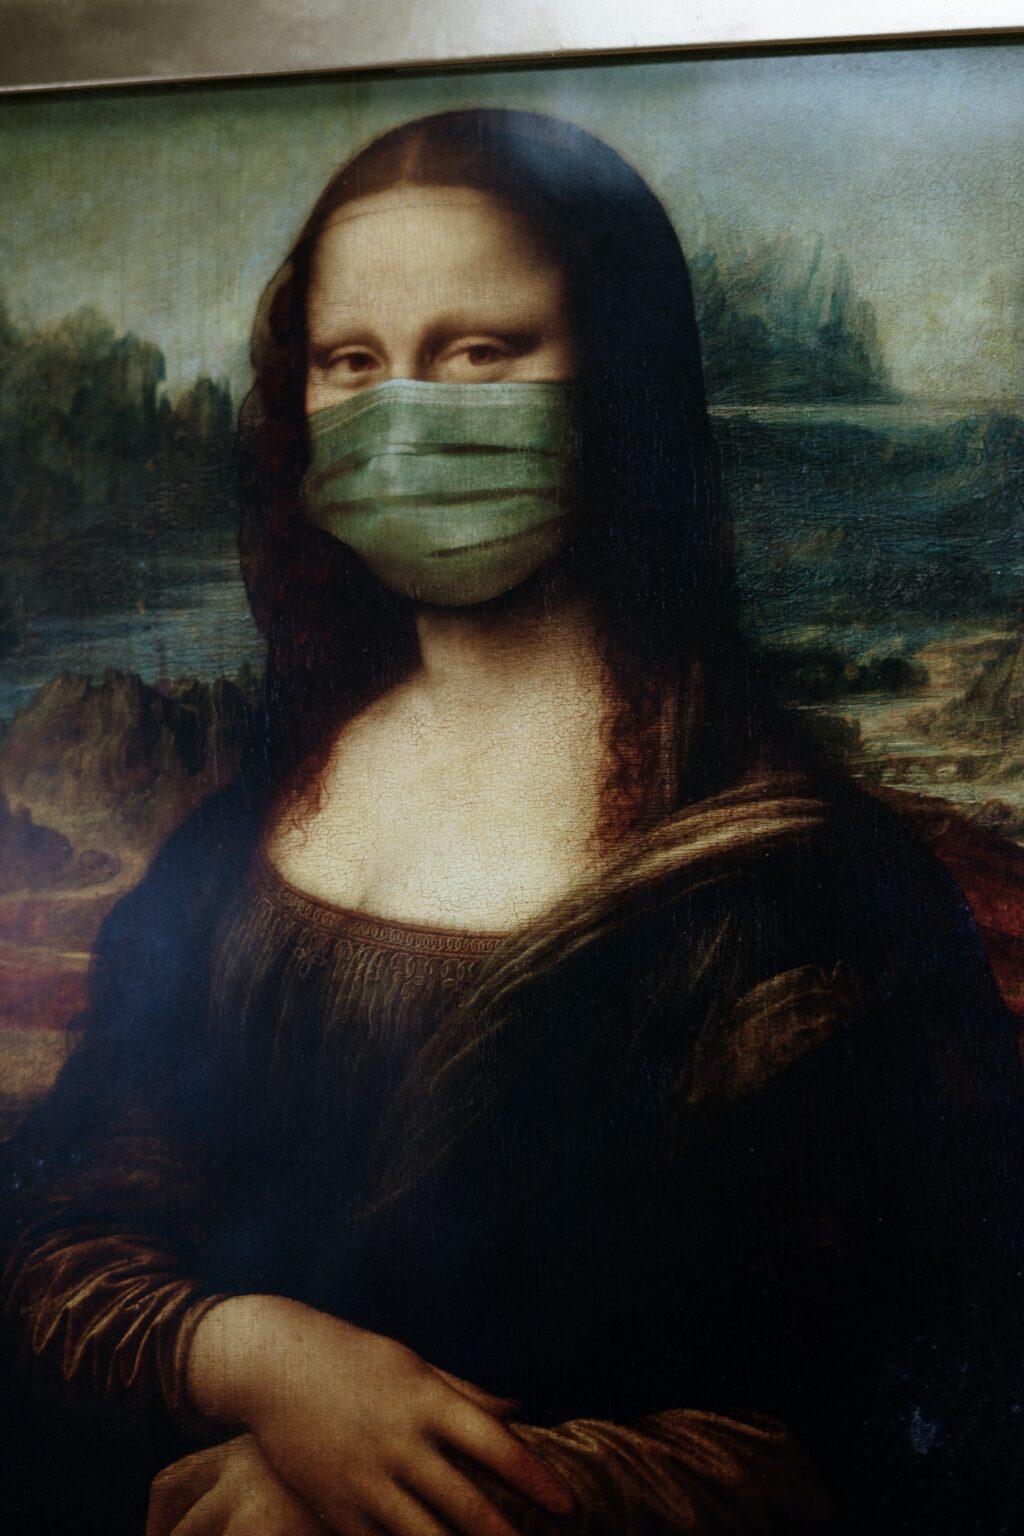 Mona Lisa, Covid 19